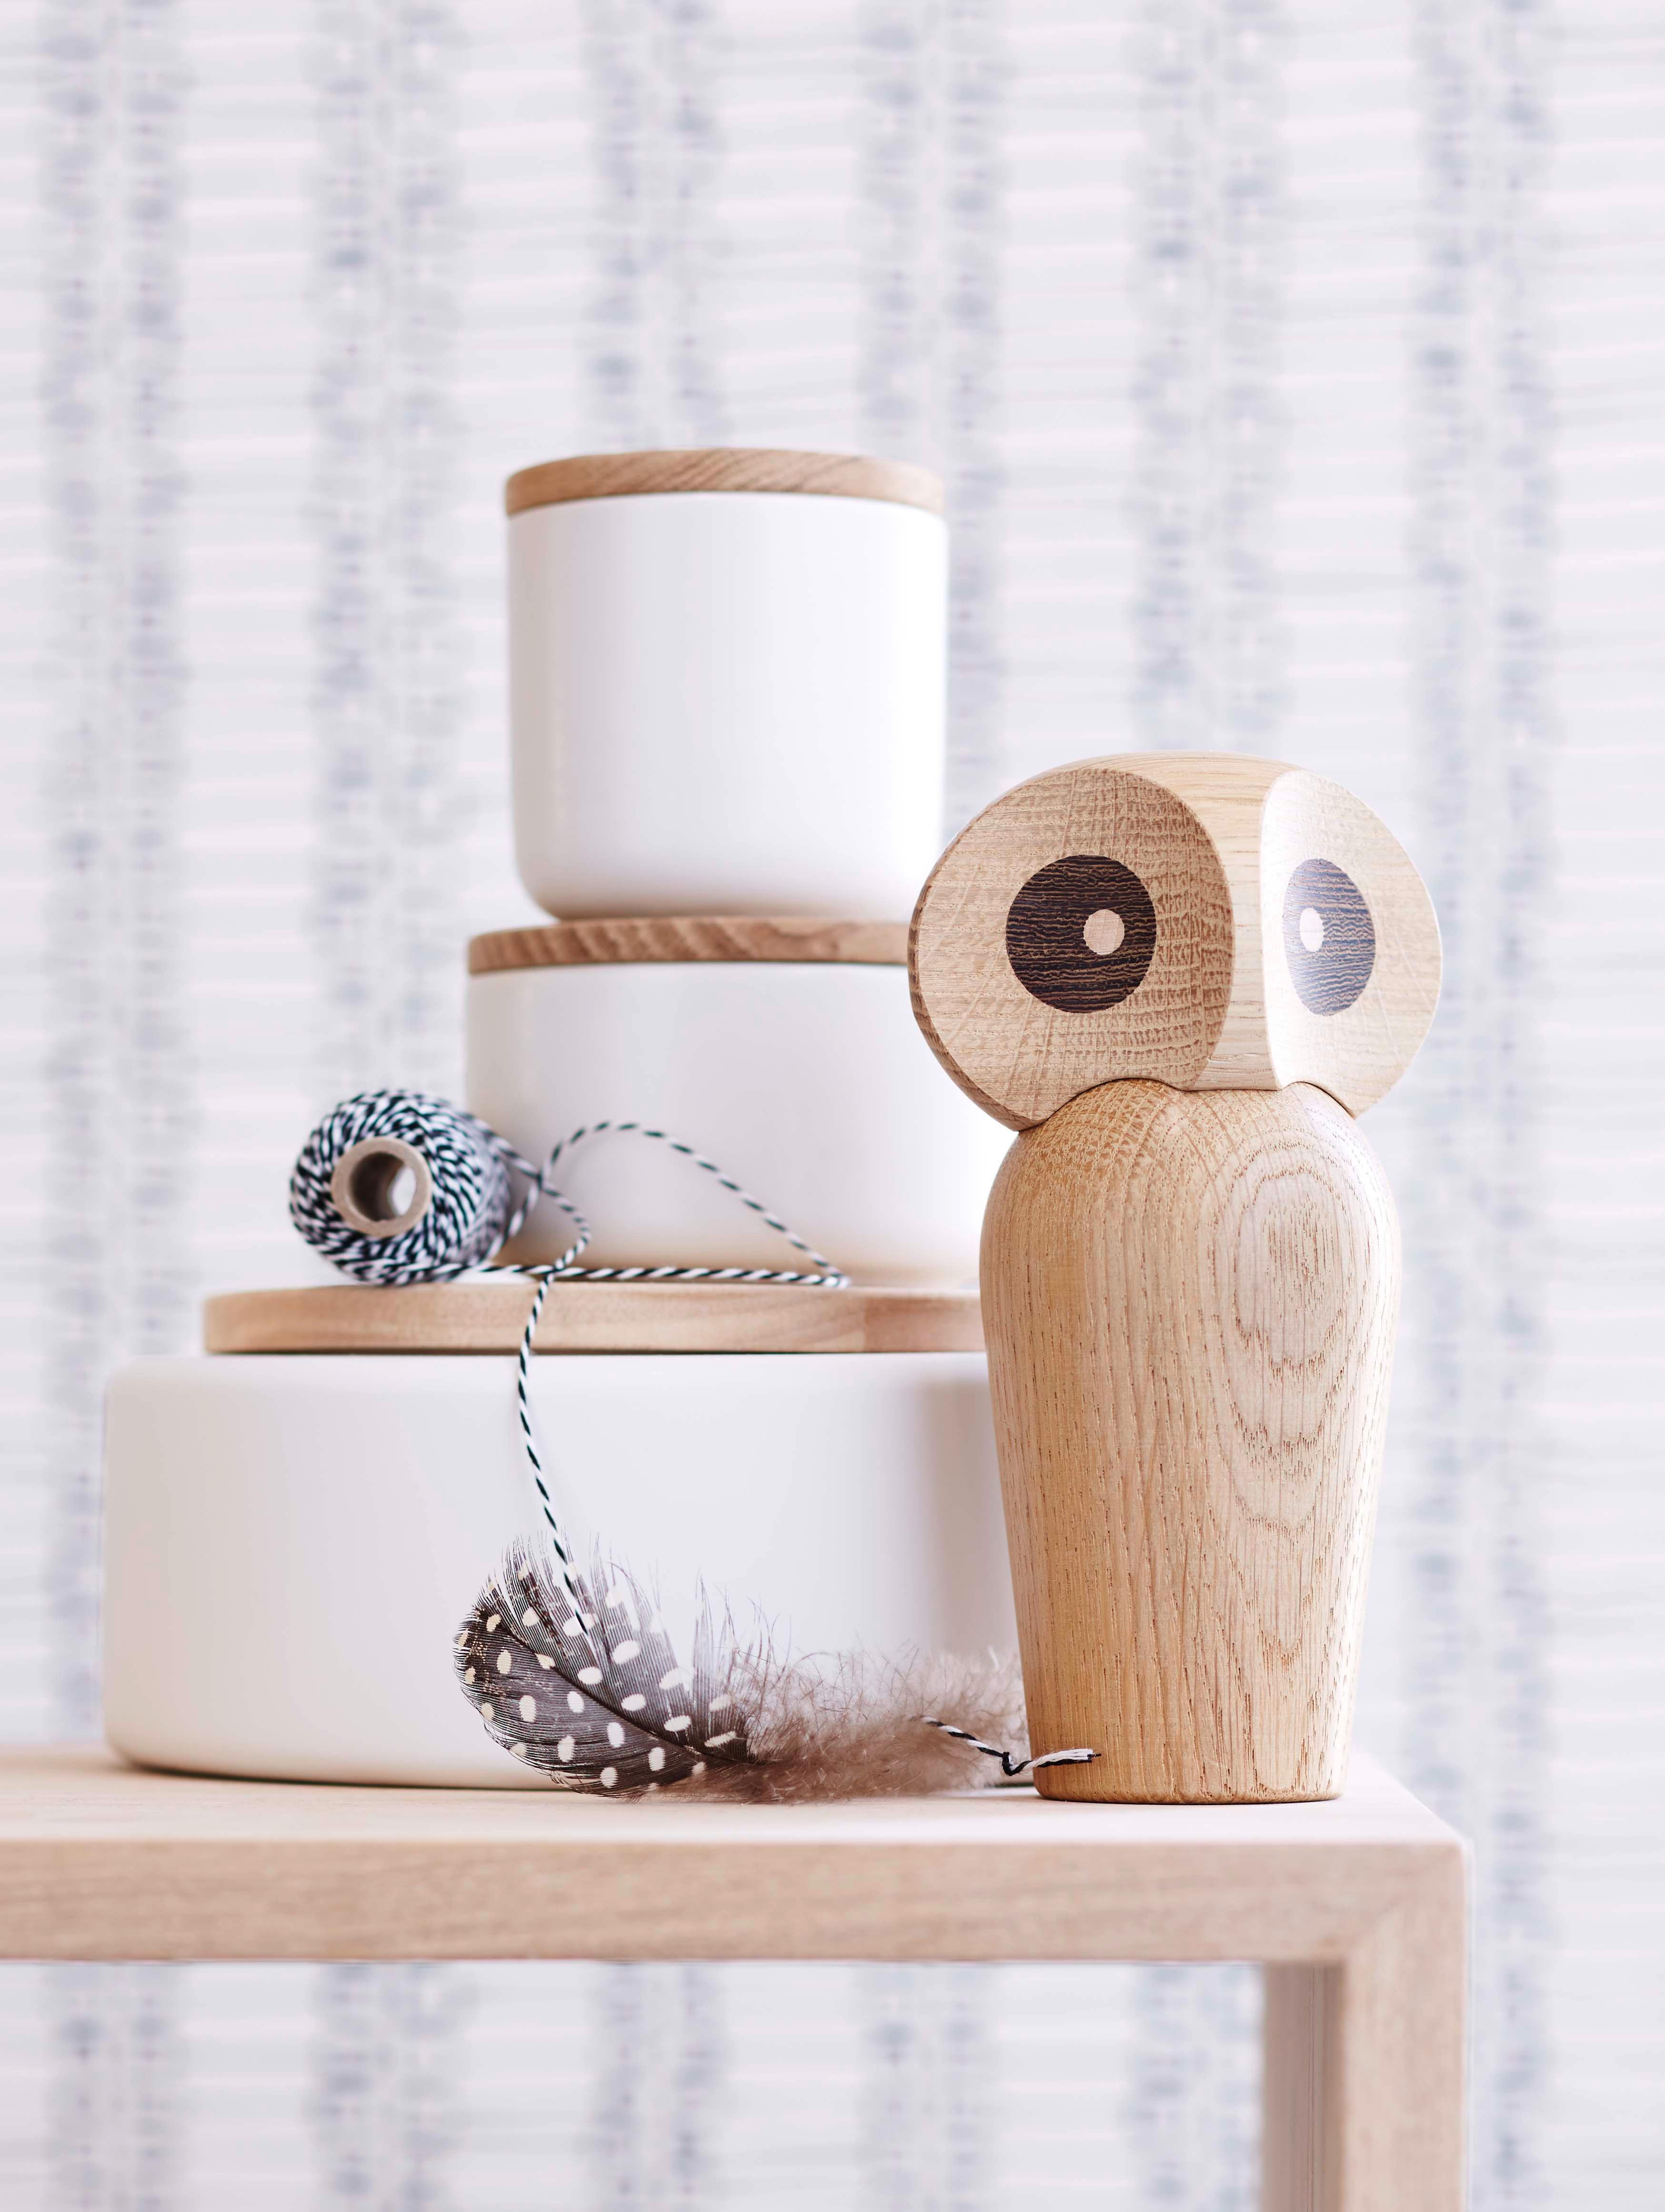 Einzigartig Aufbewahrungssysteme Küche Referenz Von Turmwächter #aufbewahrungküche ©livingathome/silke Zander